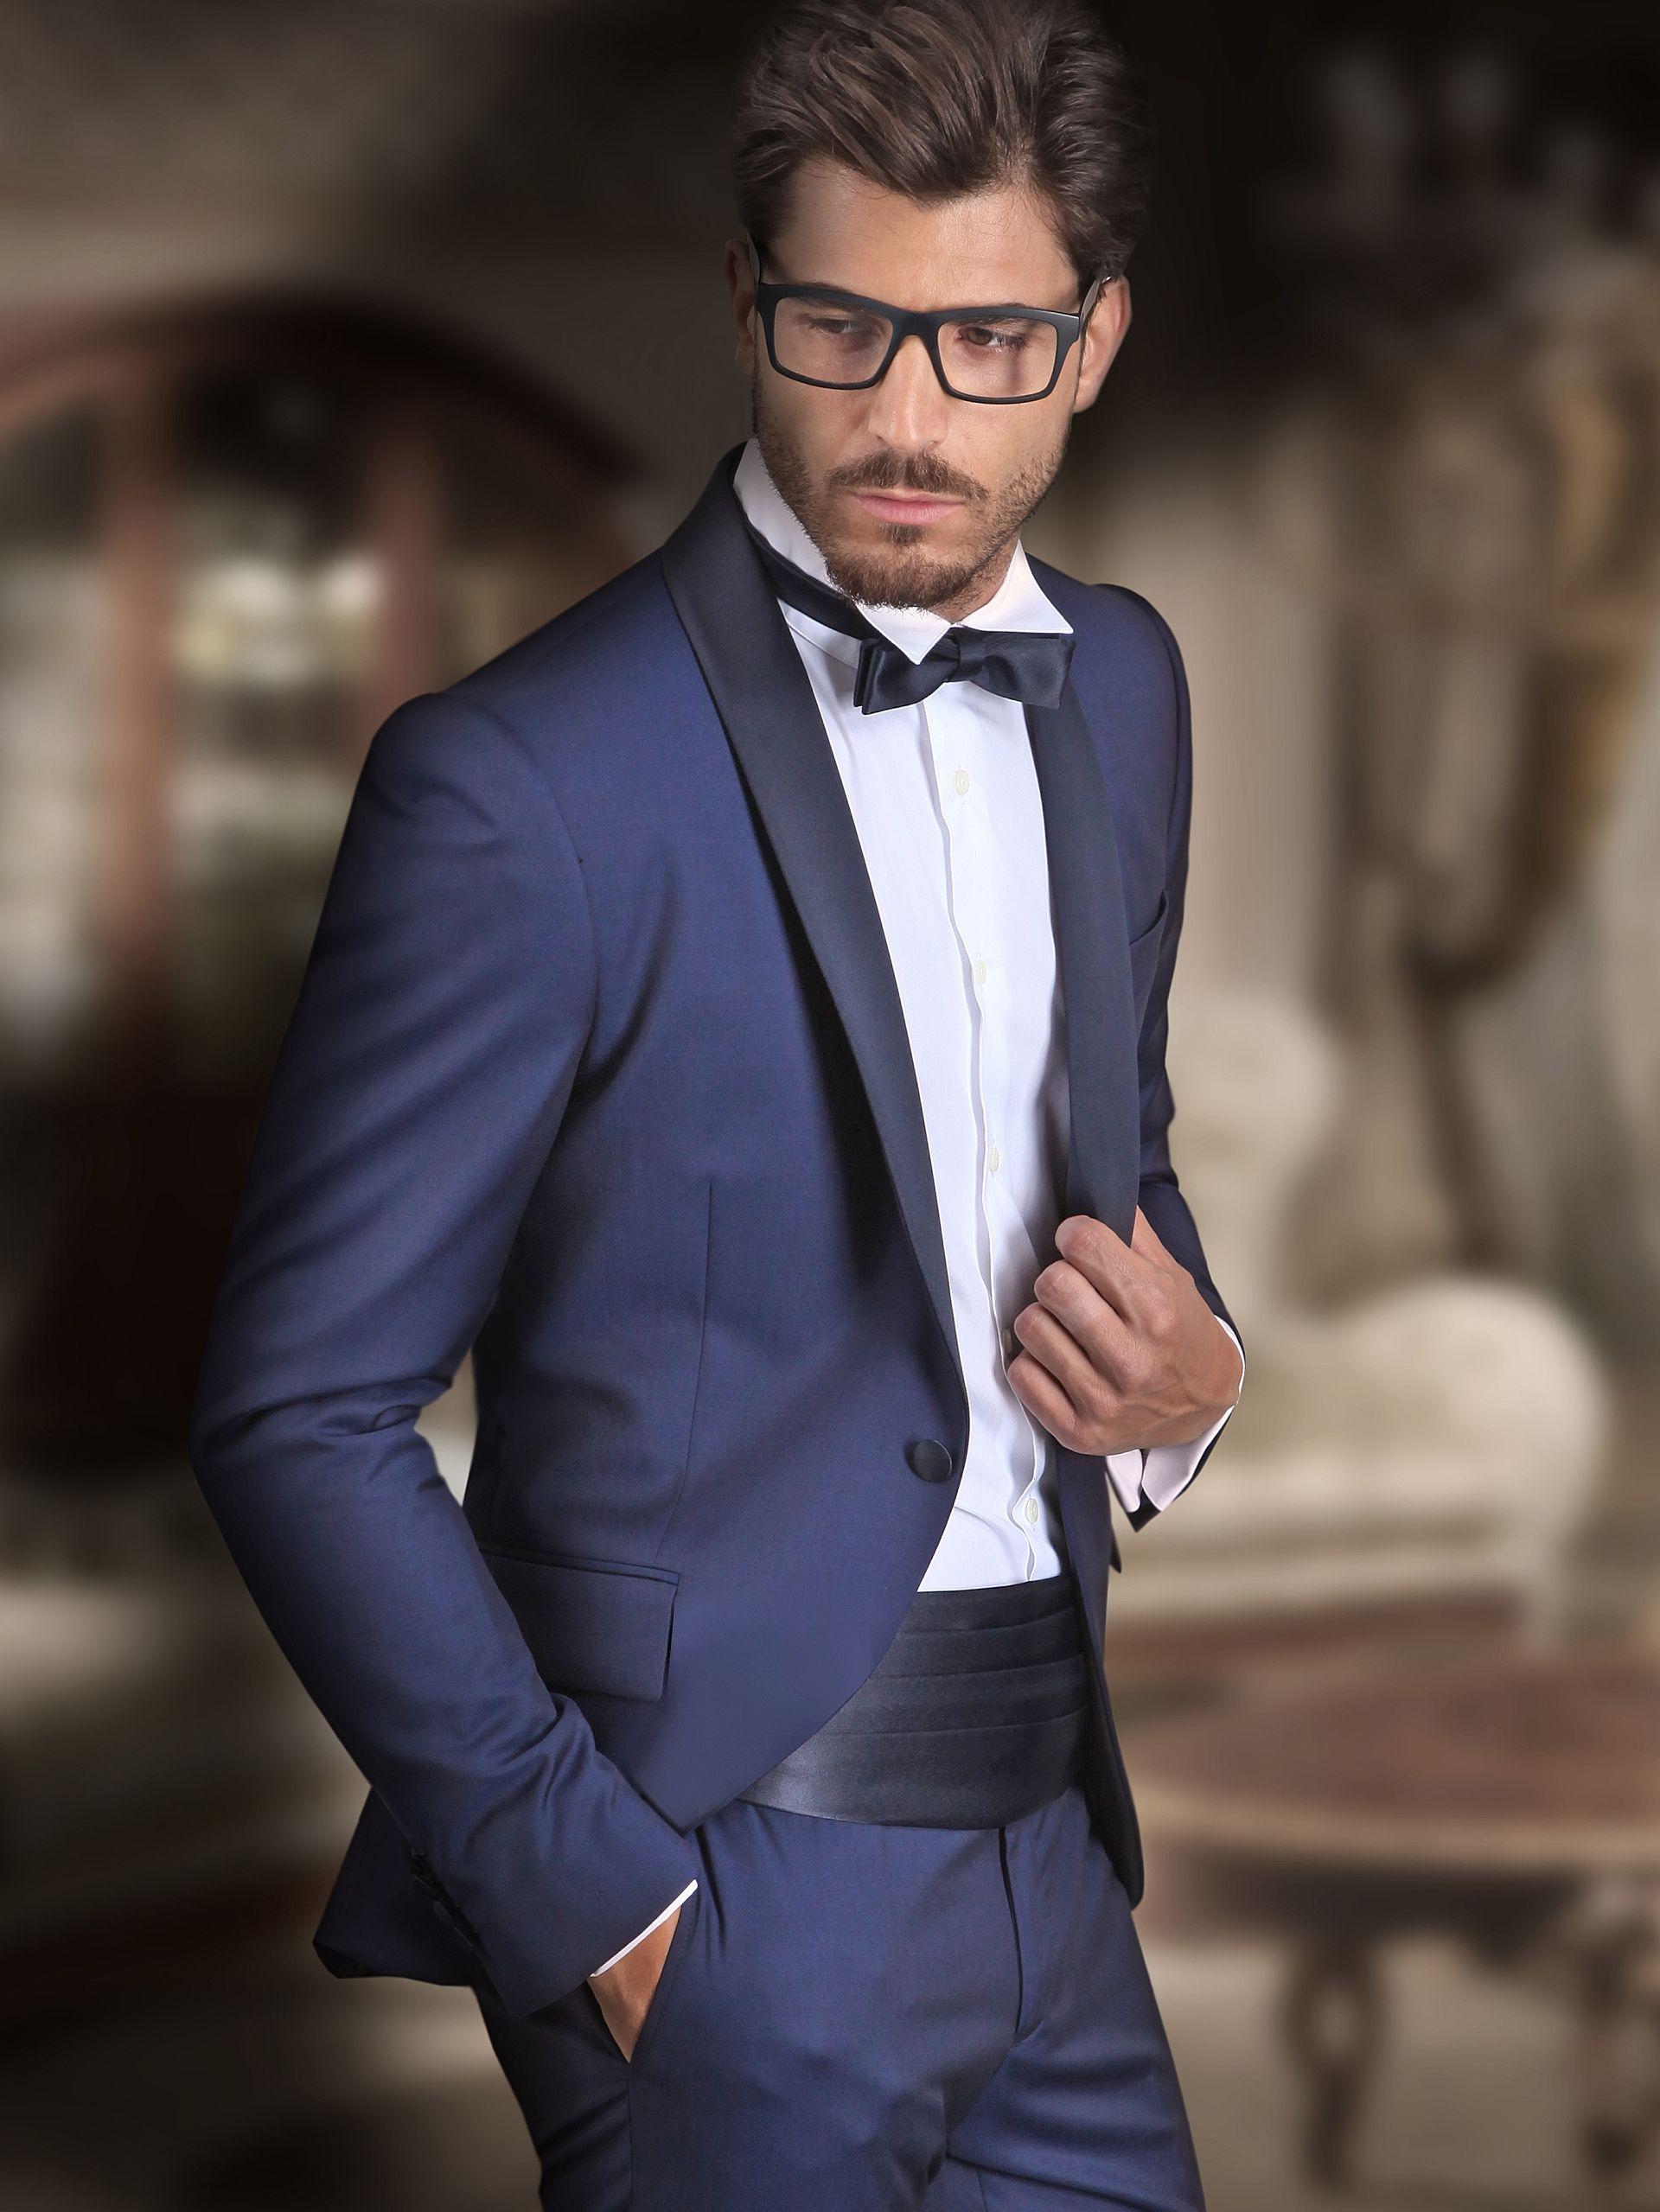 Outfit Matrimonio Uomo 2017 : Abiti da sposo uomo prezzi smok pinterest